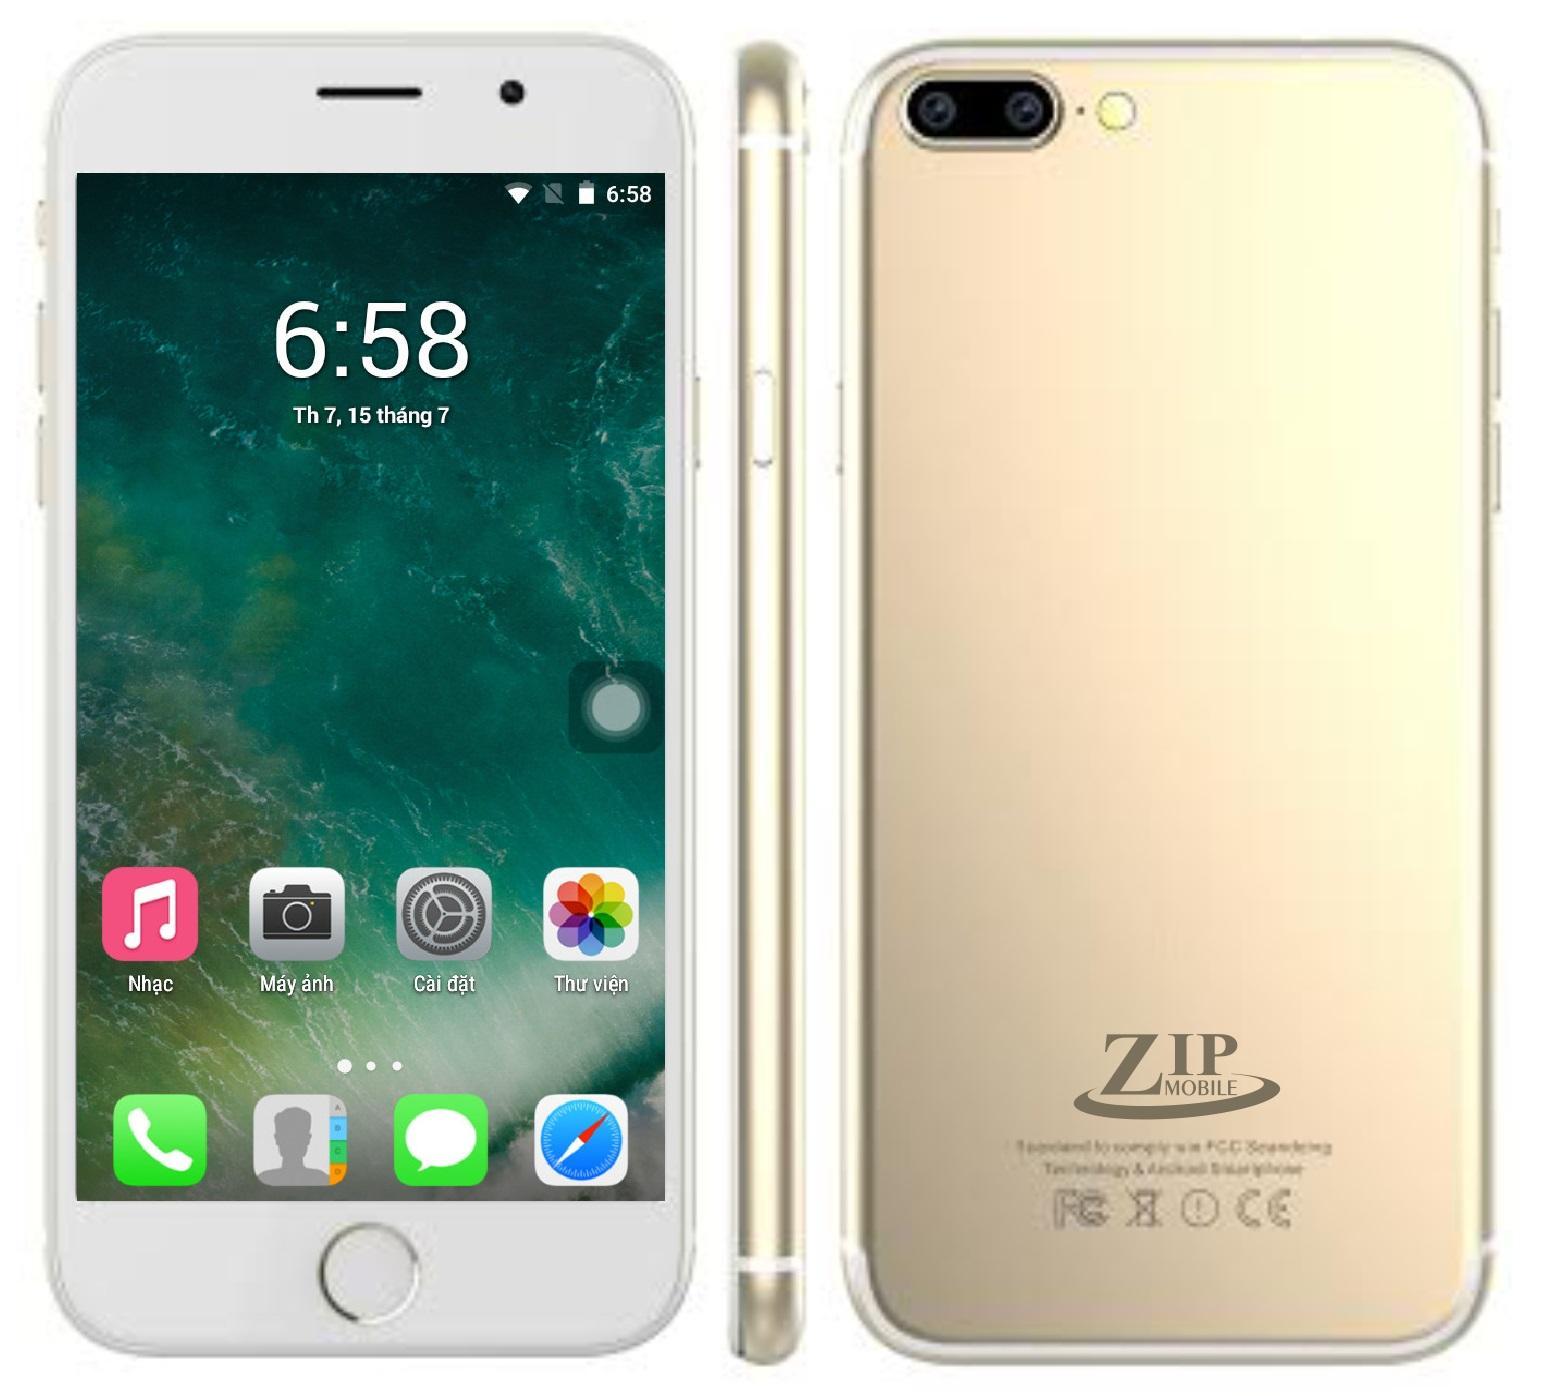 Hình ảnh Điện thoại ZIP8 - Hàng Chính Hãng - Bảo Hành 12 Tháng - Tặng ốp lưng